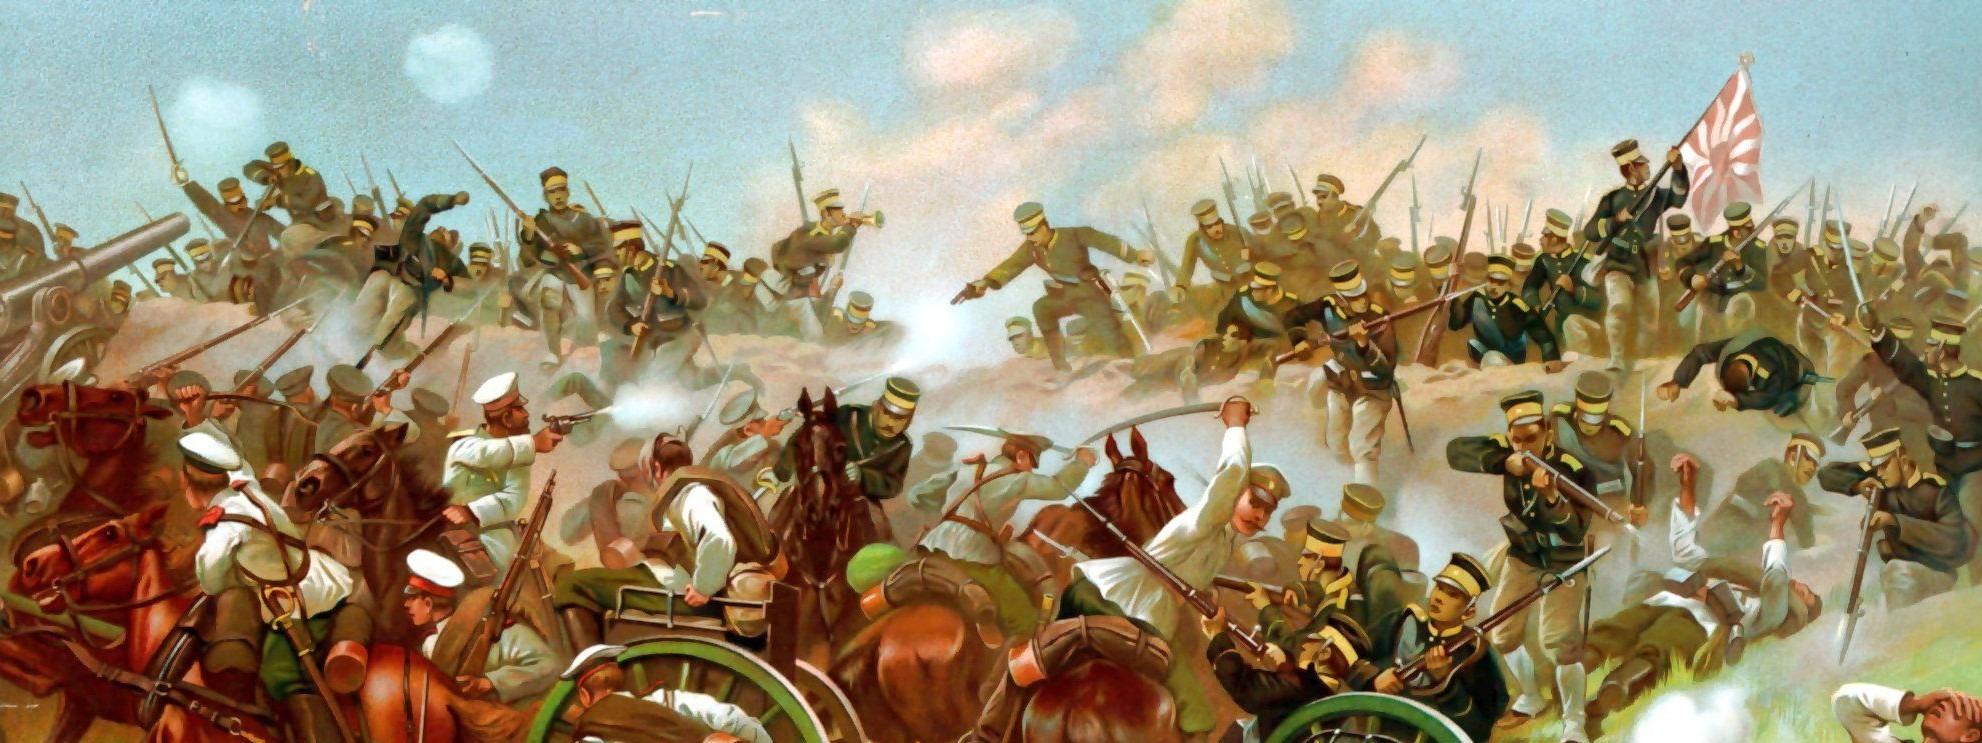 guerra cavalli 2_edited